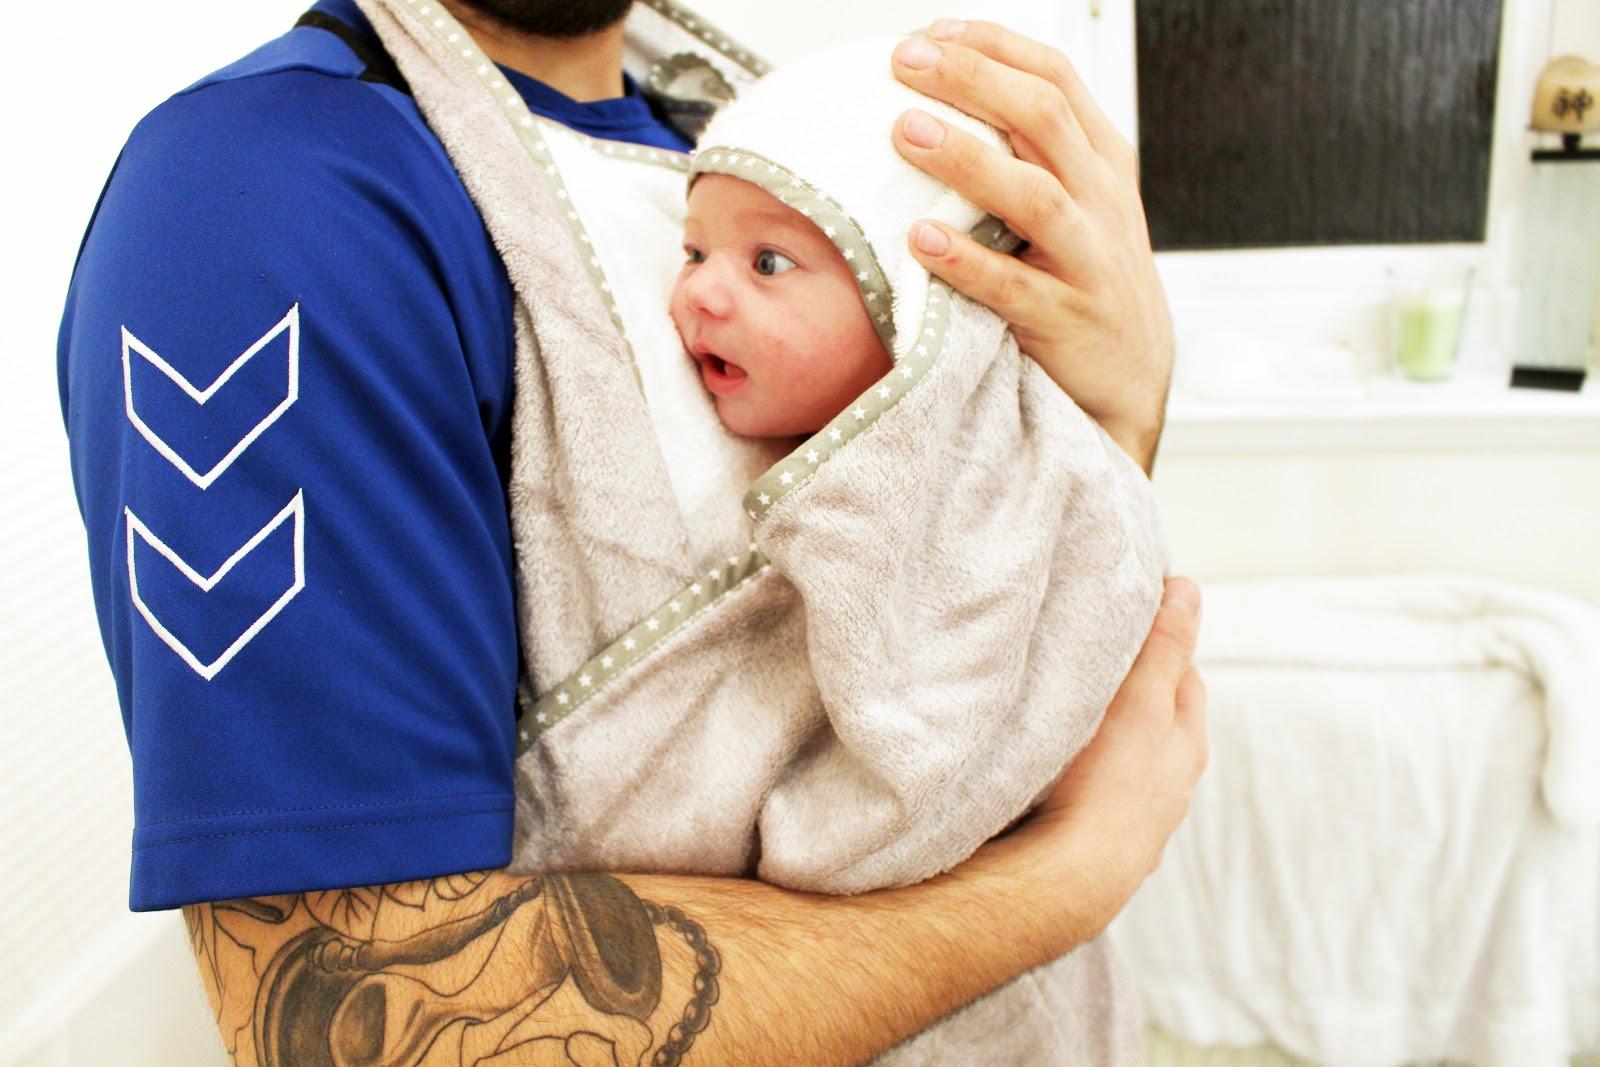 CuddleDry Original Bath Towel Apron Newborn Bathtime Easy